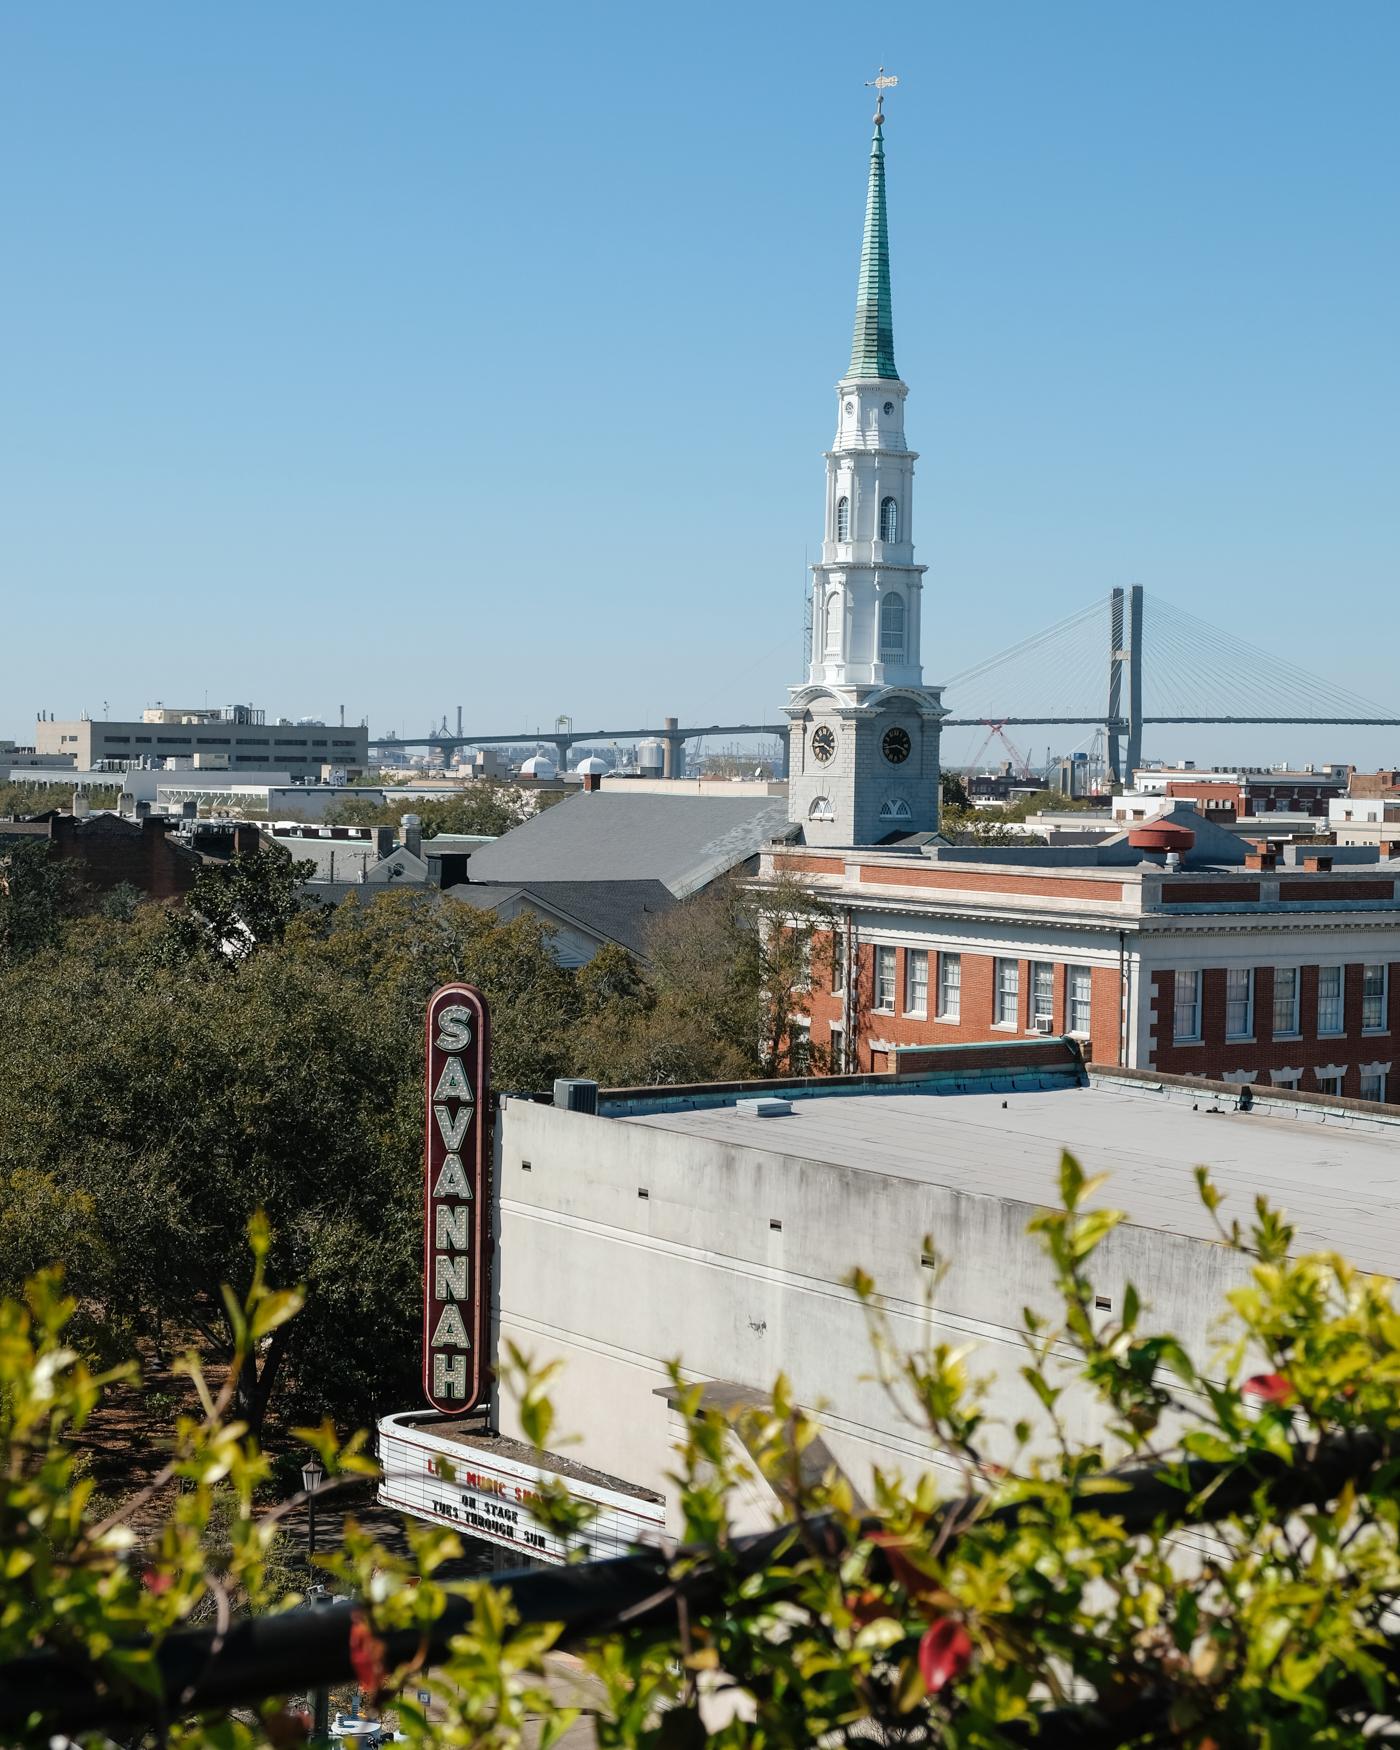 rooftop-view-savannah-georgia.jpg